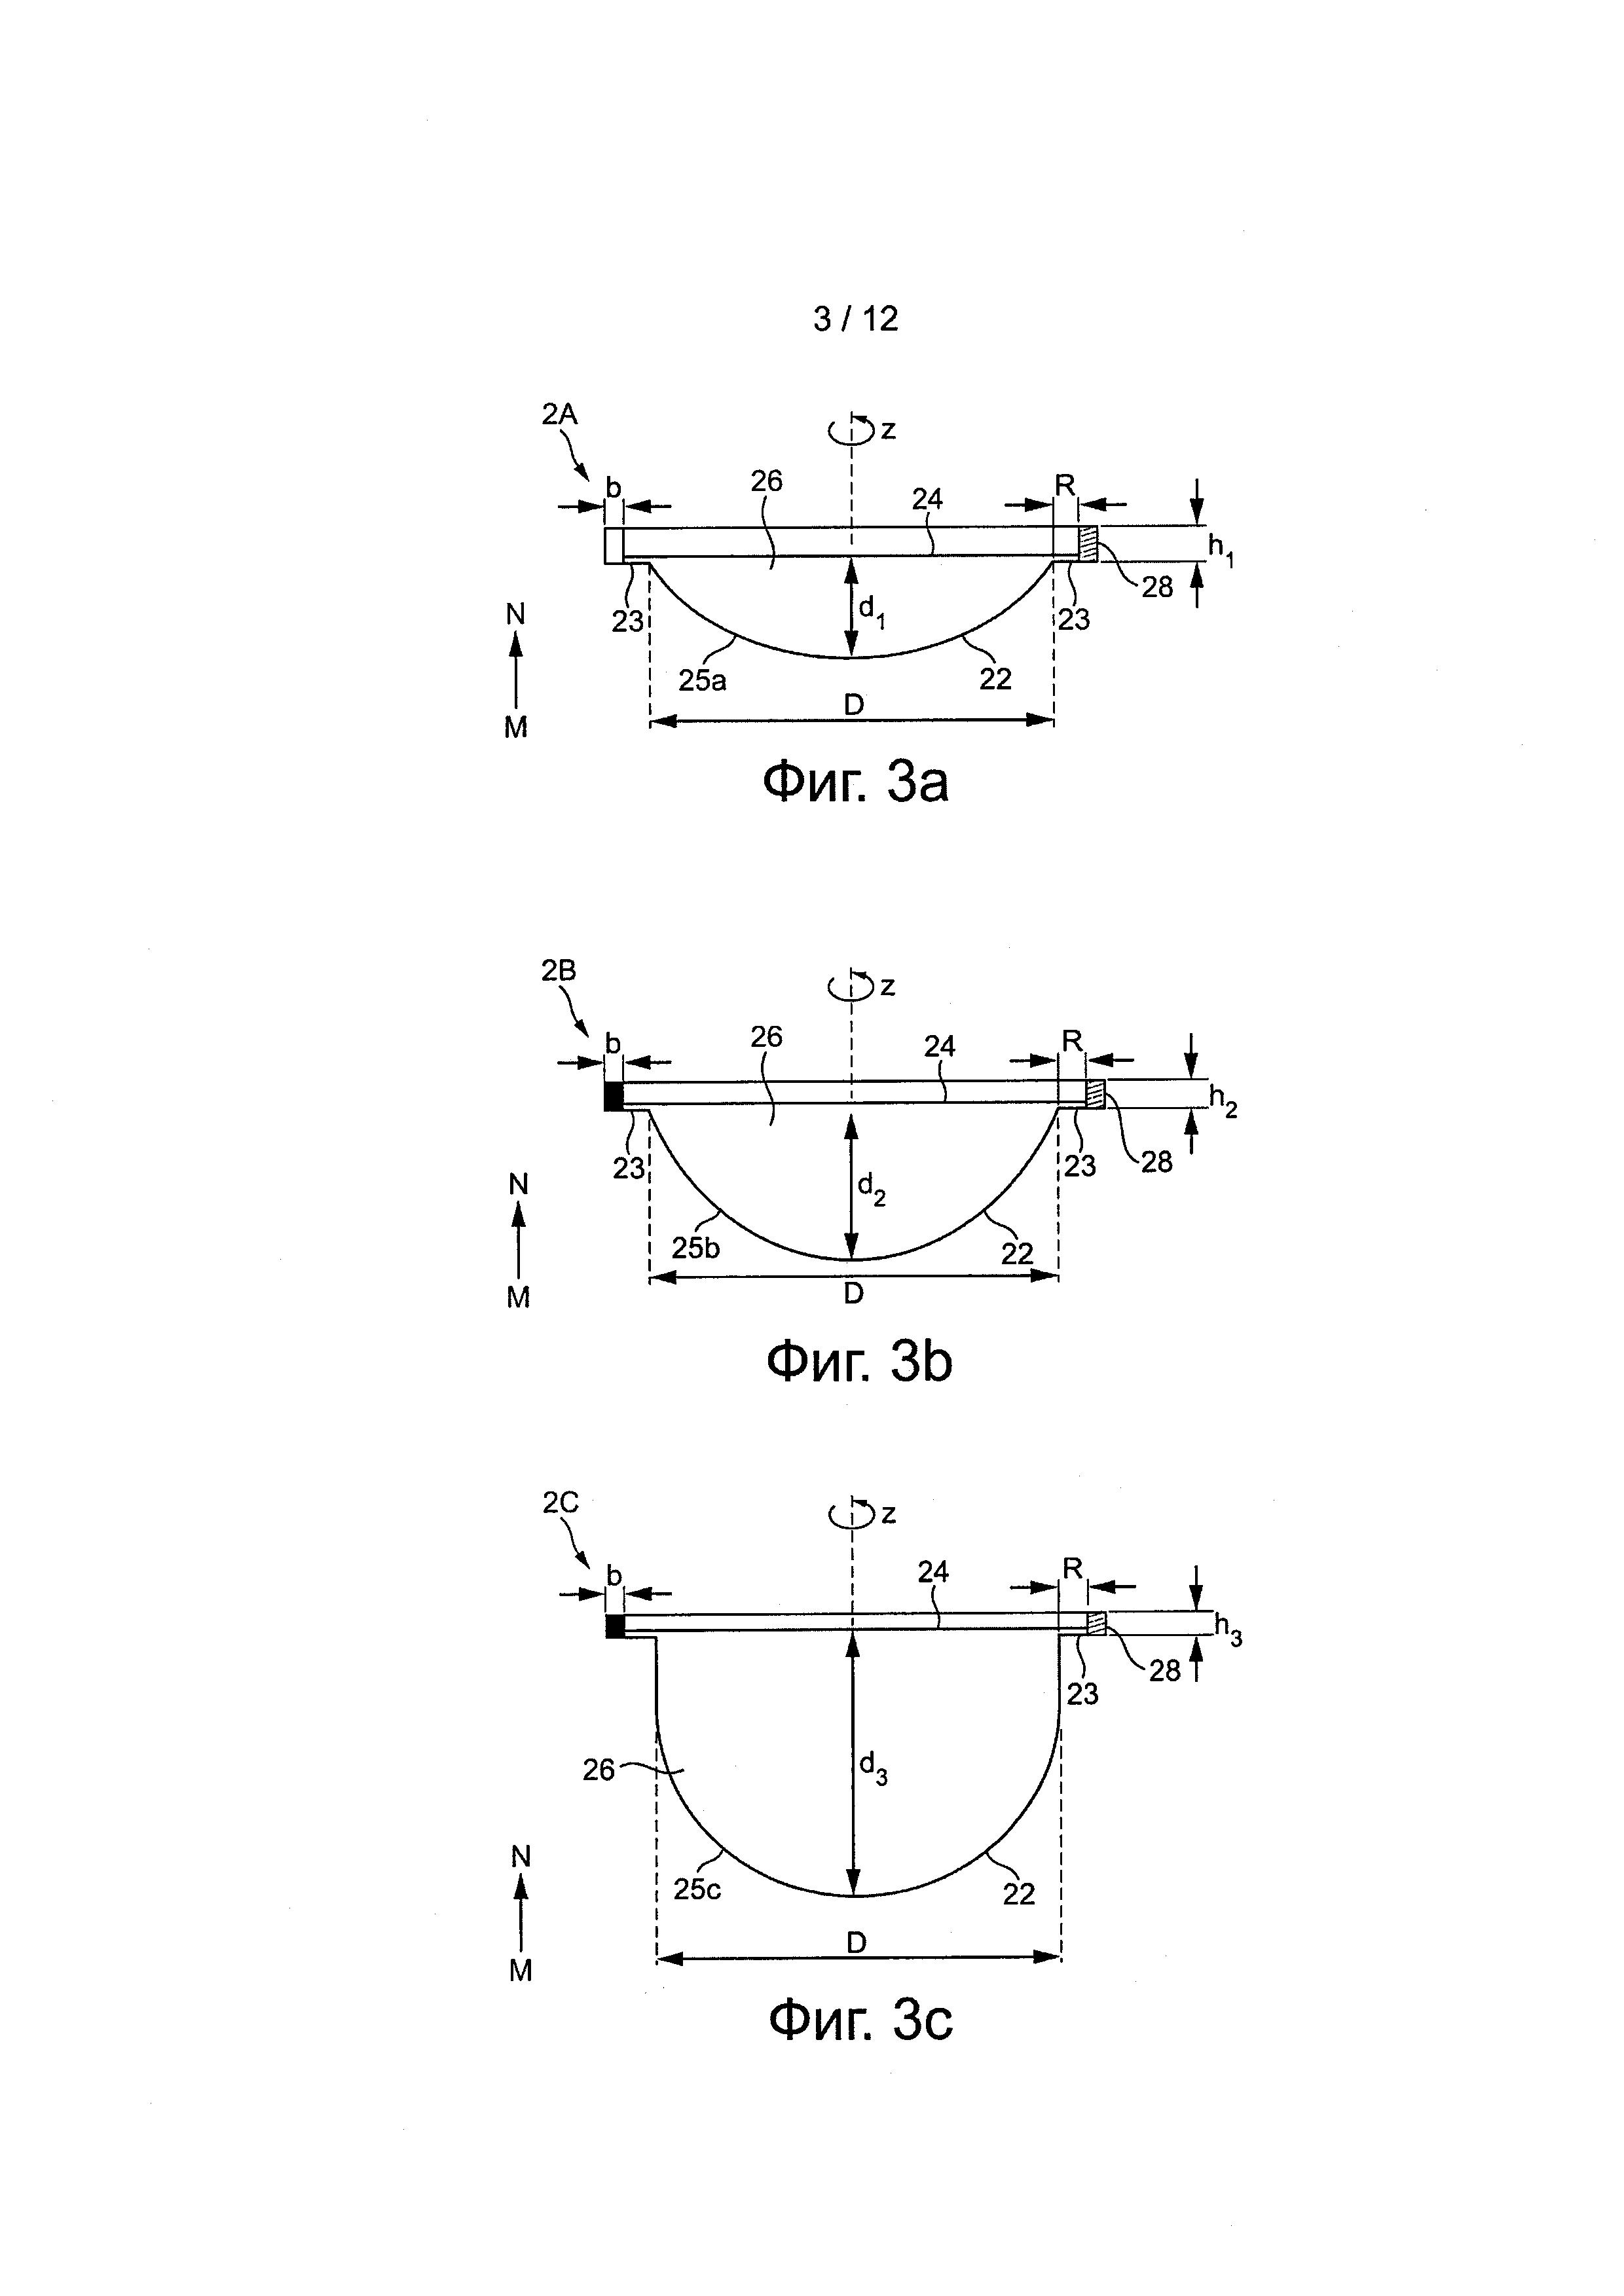 Подложка и капсула для приготовления напитков центрифугированием, система и способ приготовления напитков центрифугированием